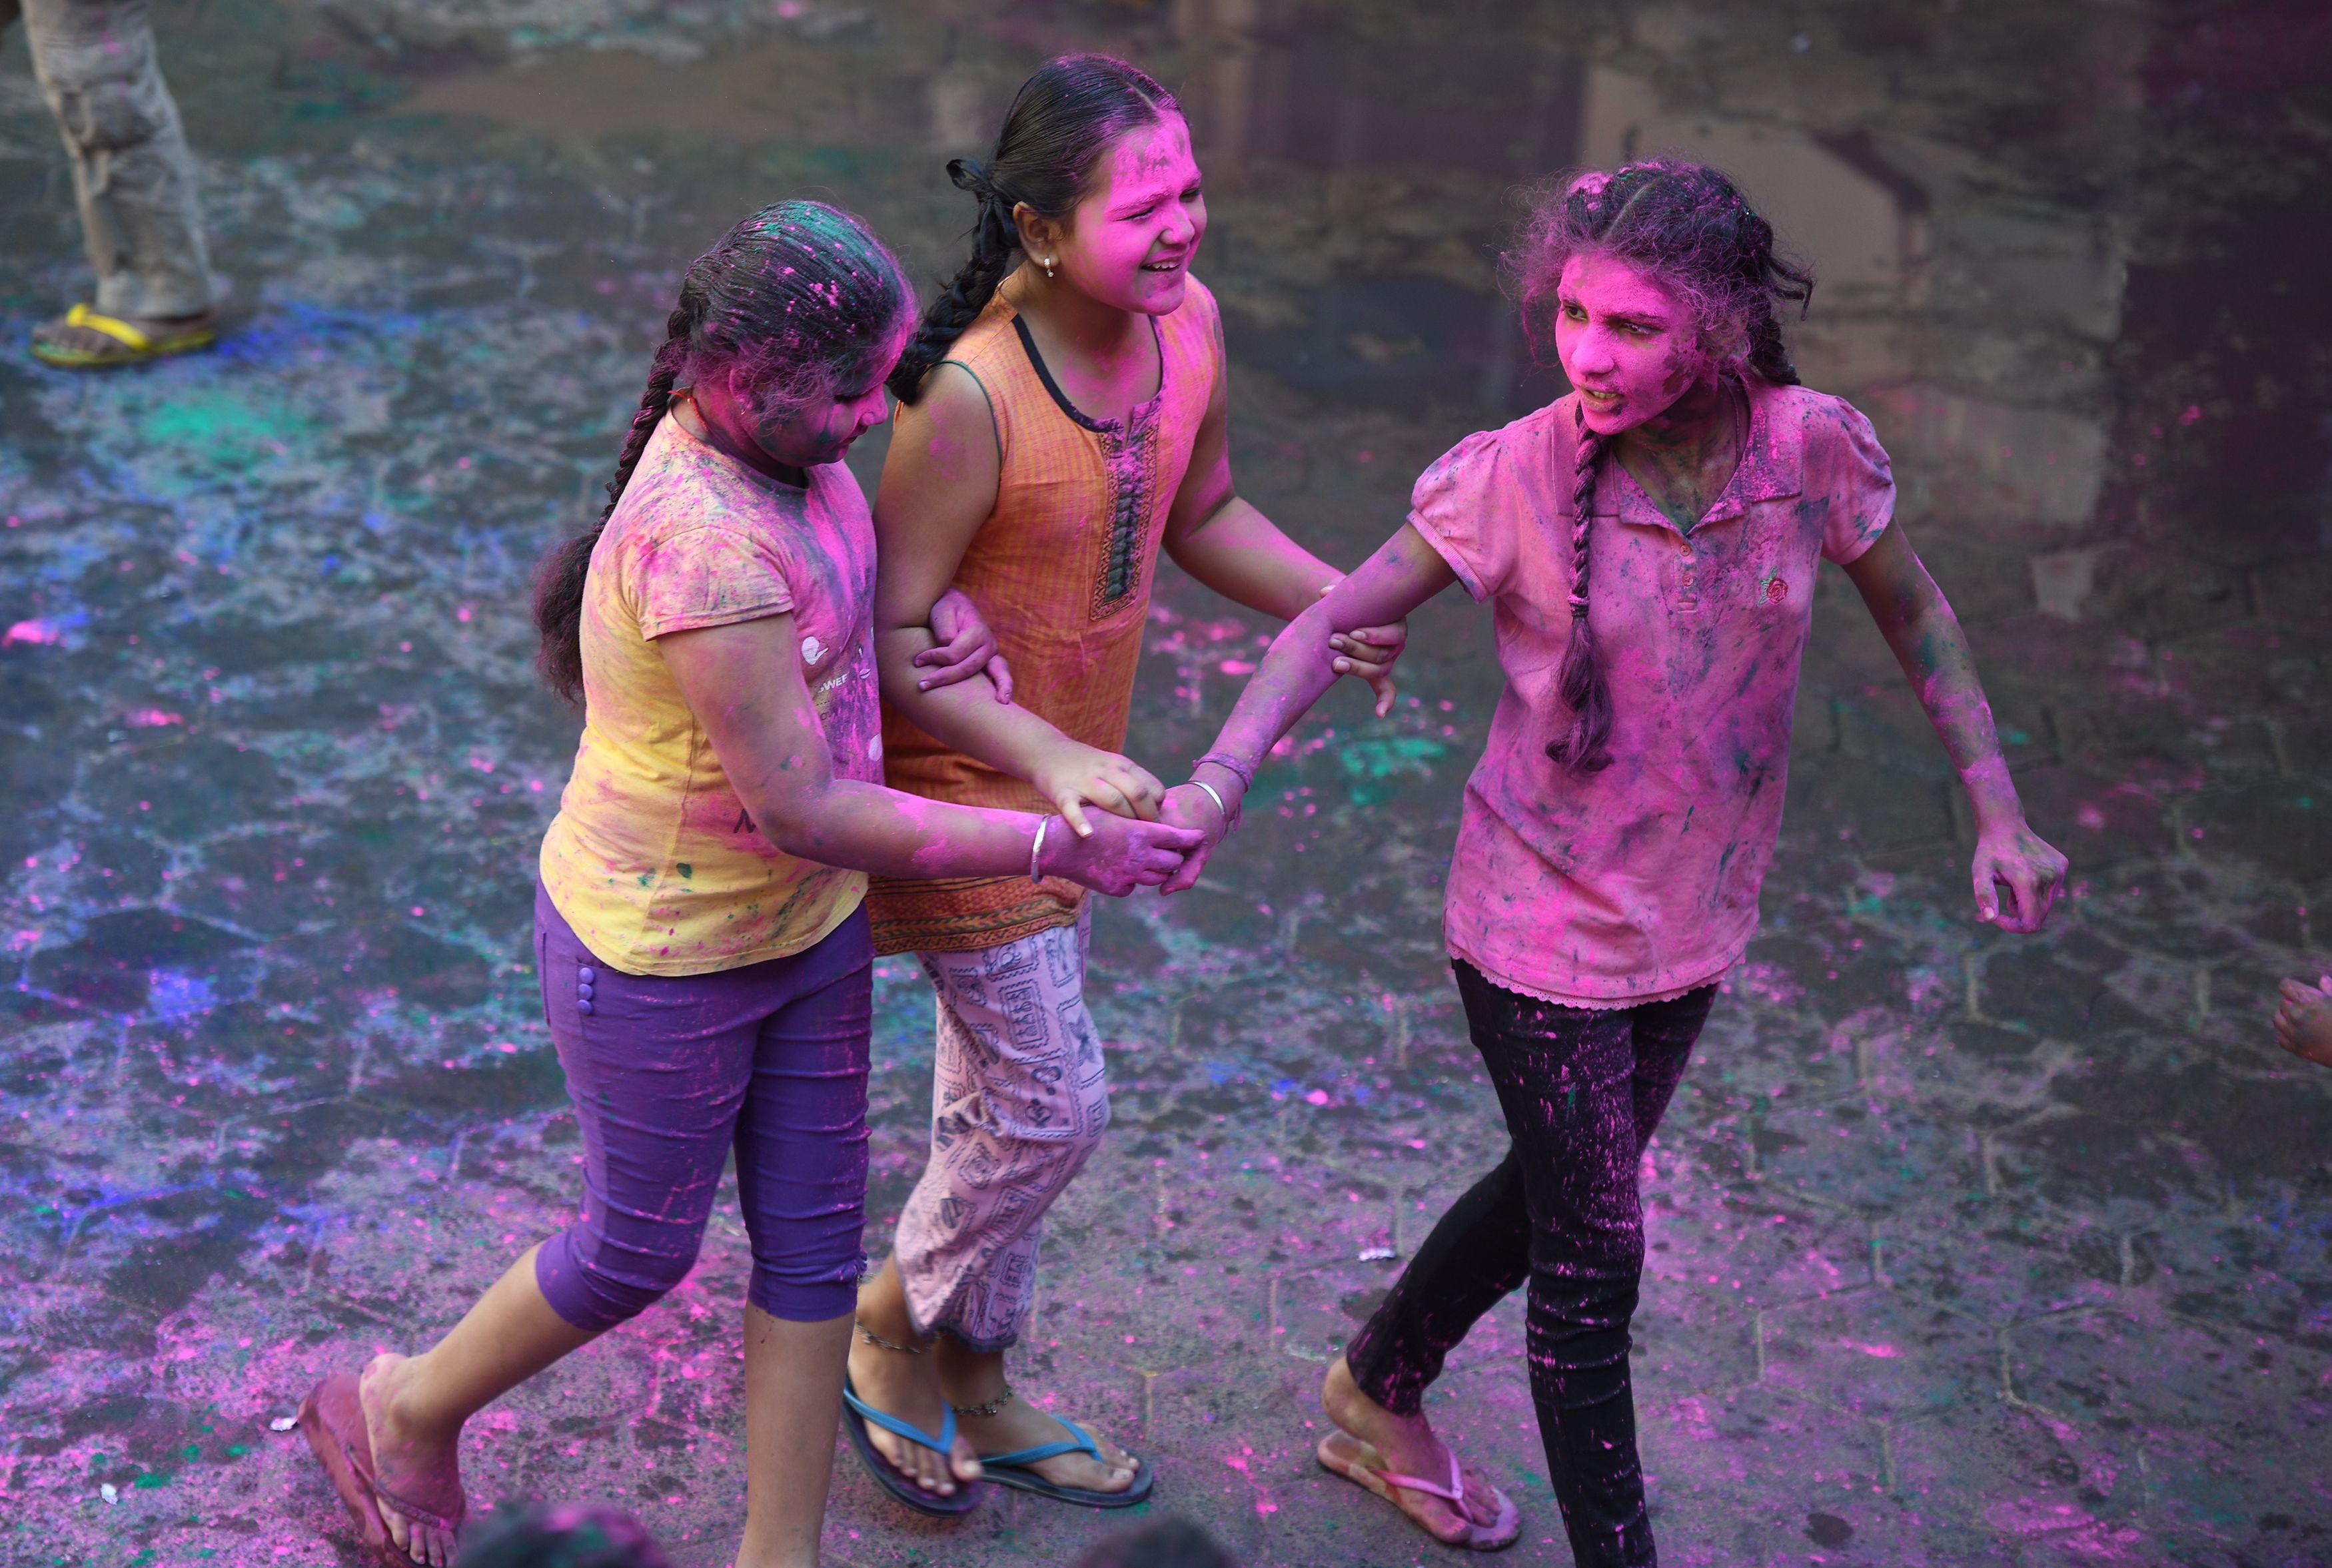 فتيات تلطخ وجوههم بالالوان